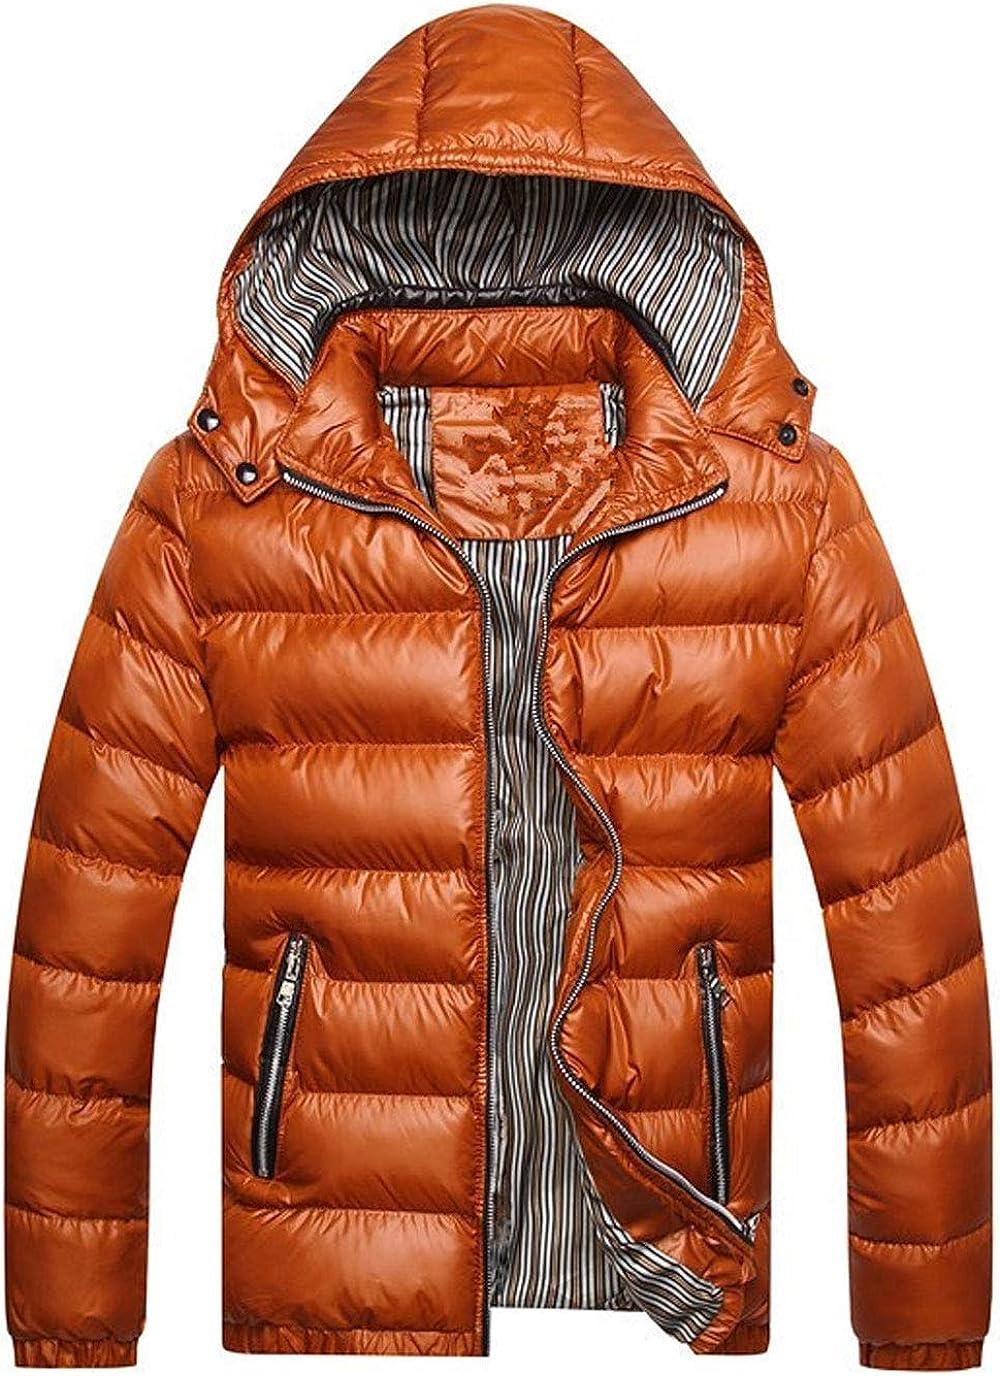 ebossy Men's Removable Hooded Full Zip Down Alternative Waterproof Puffer Jacket